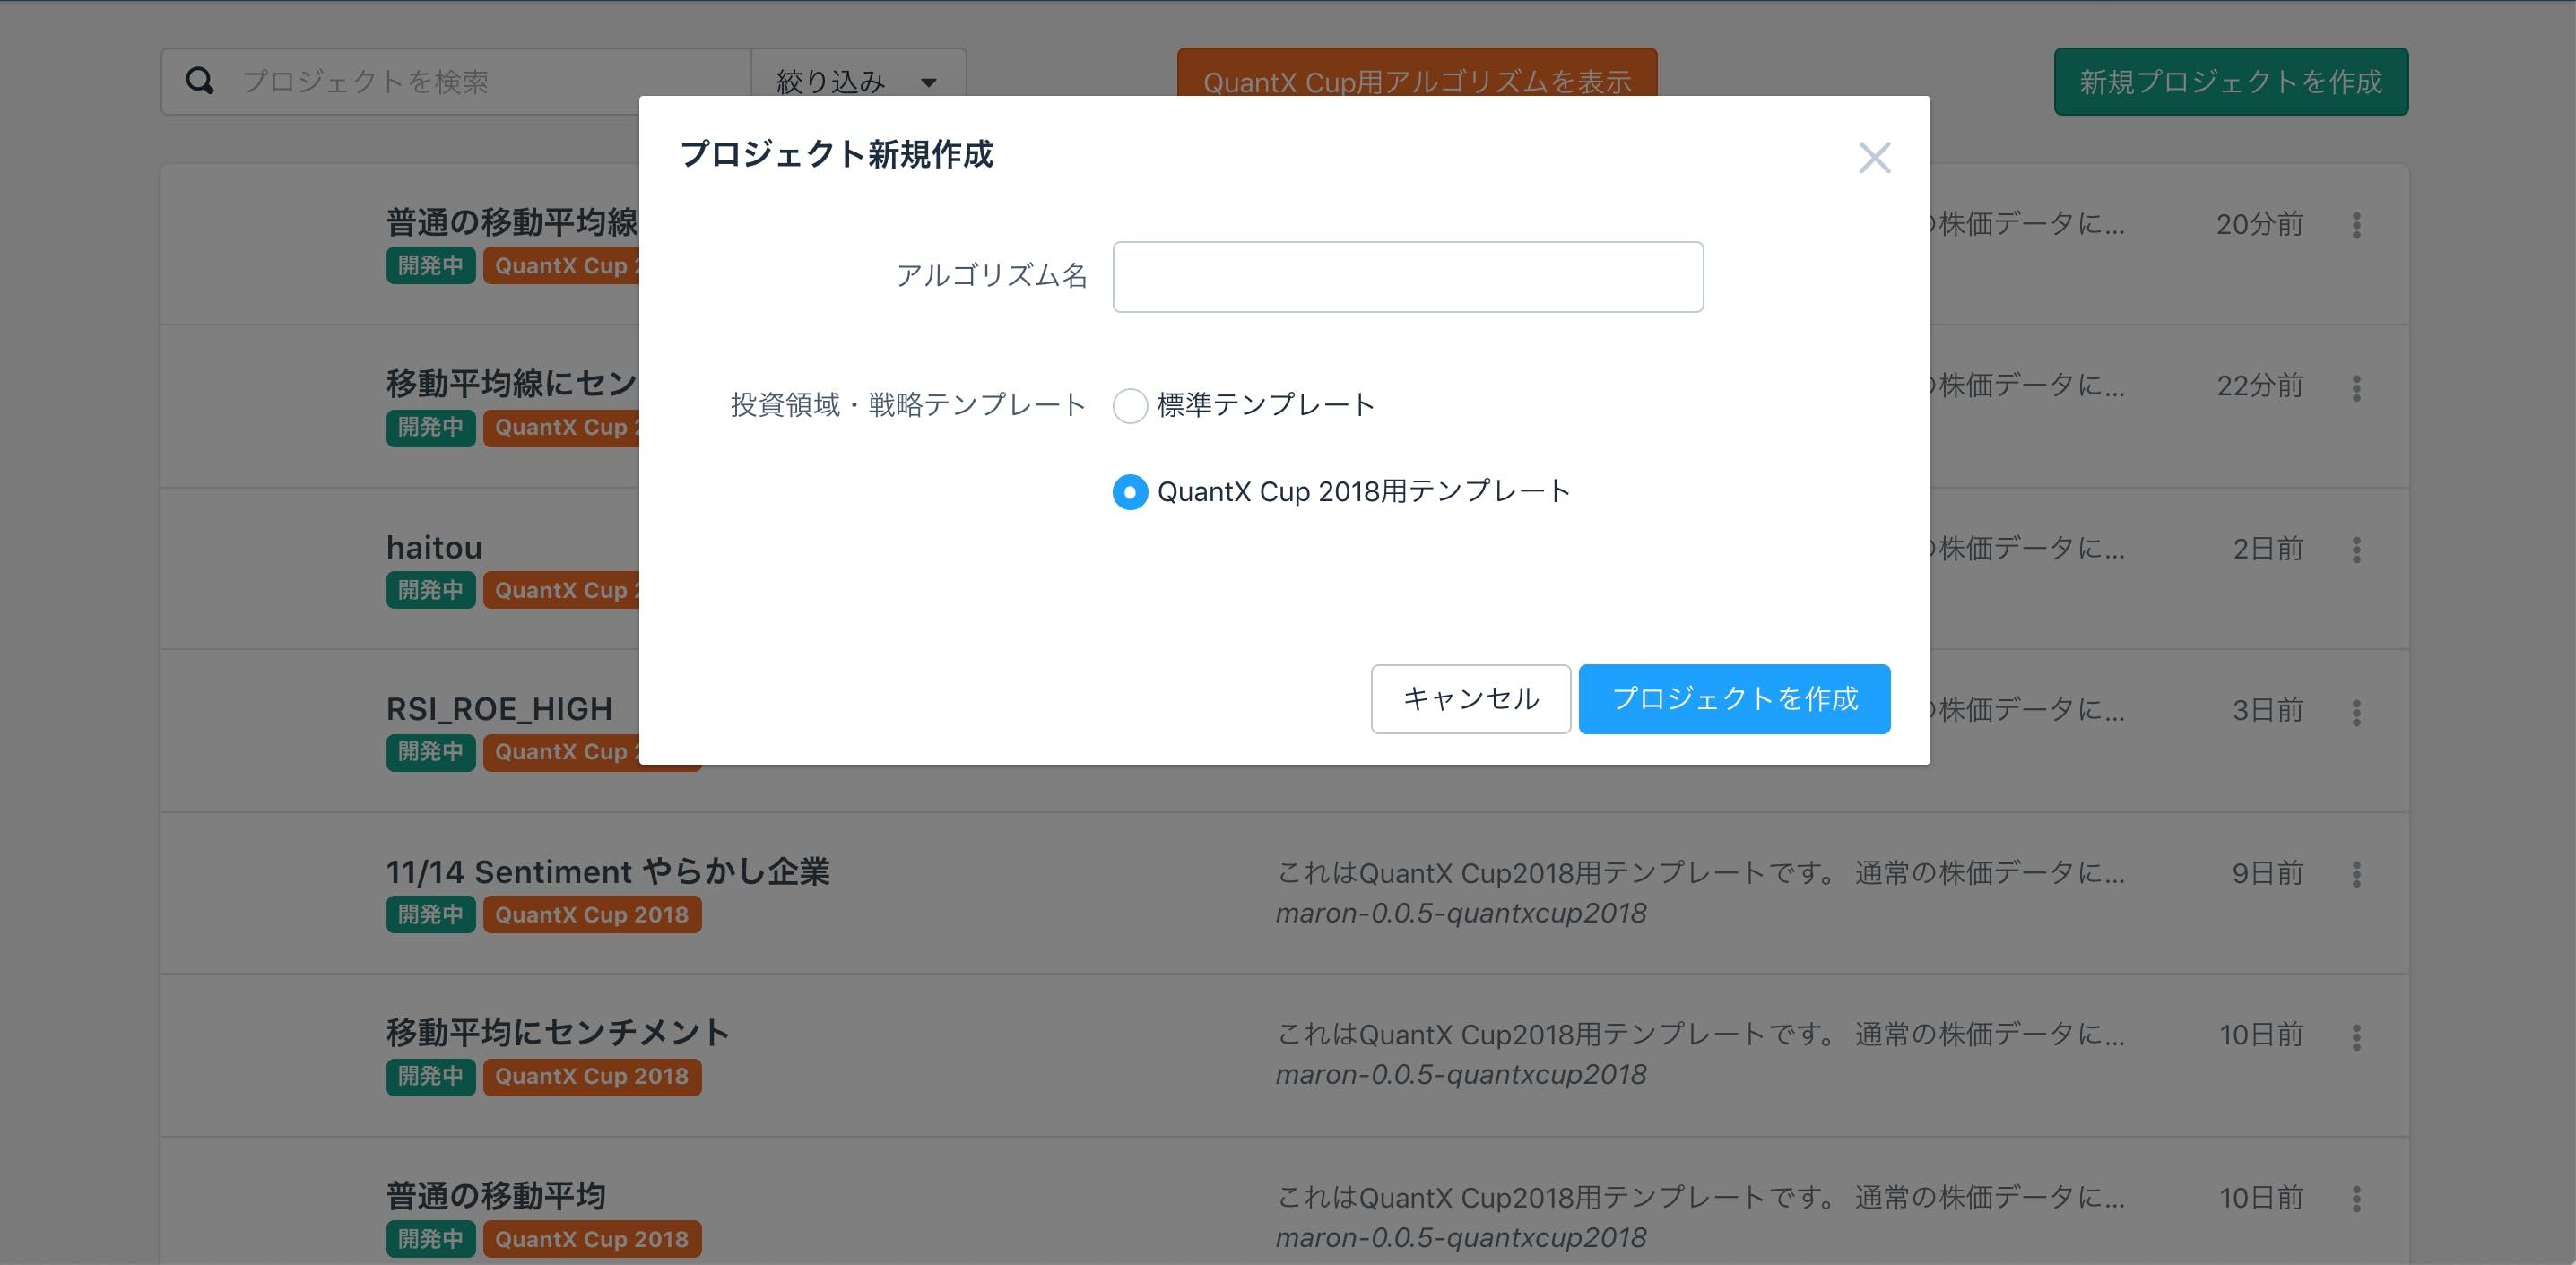 スクリーンショット 2018-11-24 4.58.49.png